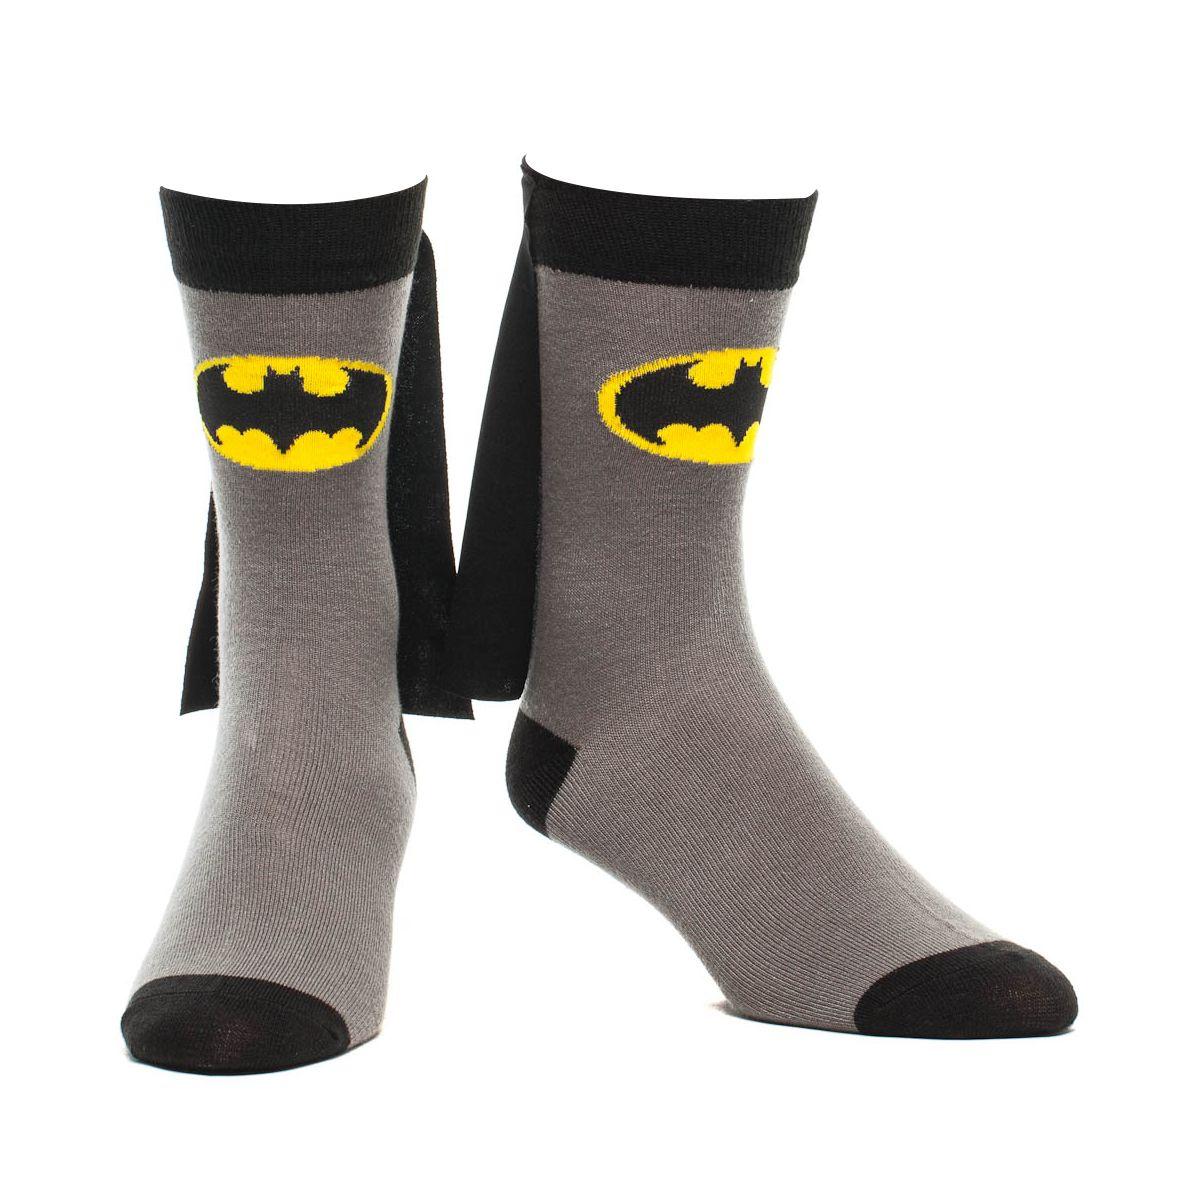 3d305d11dce4 Strumpor - Batman med mantel (39/42)   Strumpor   Chaussettes ...